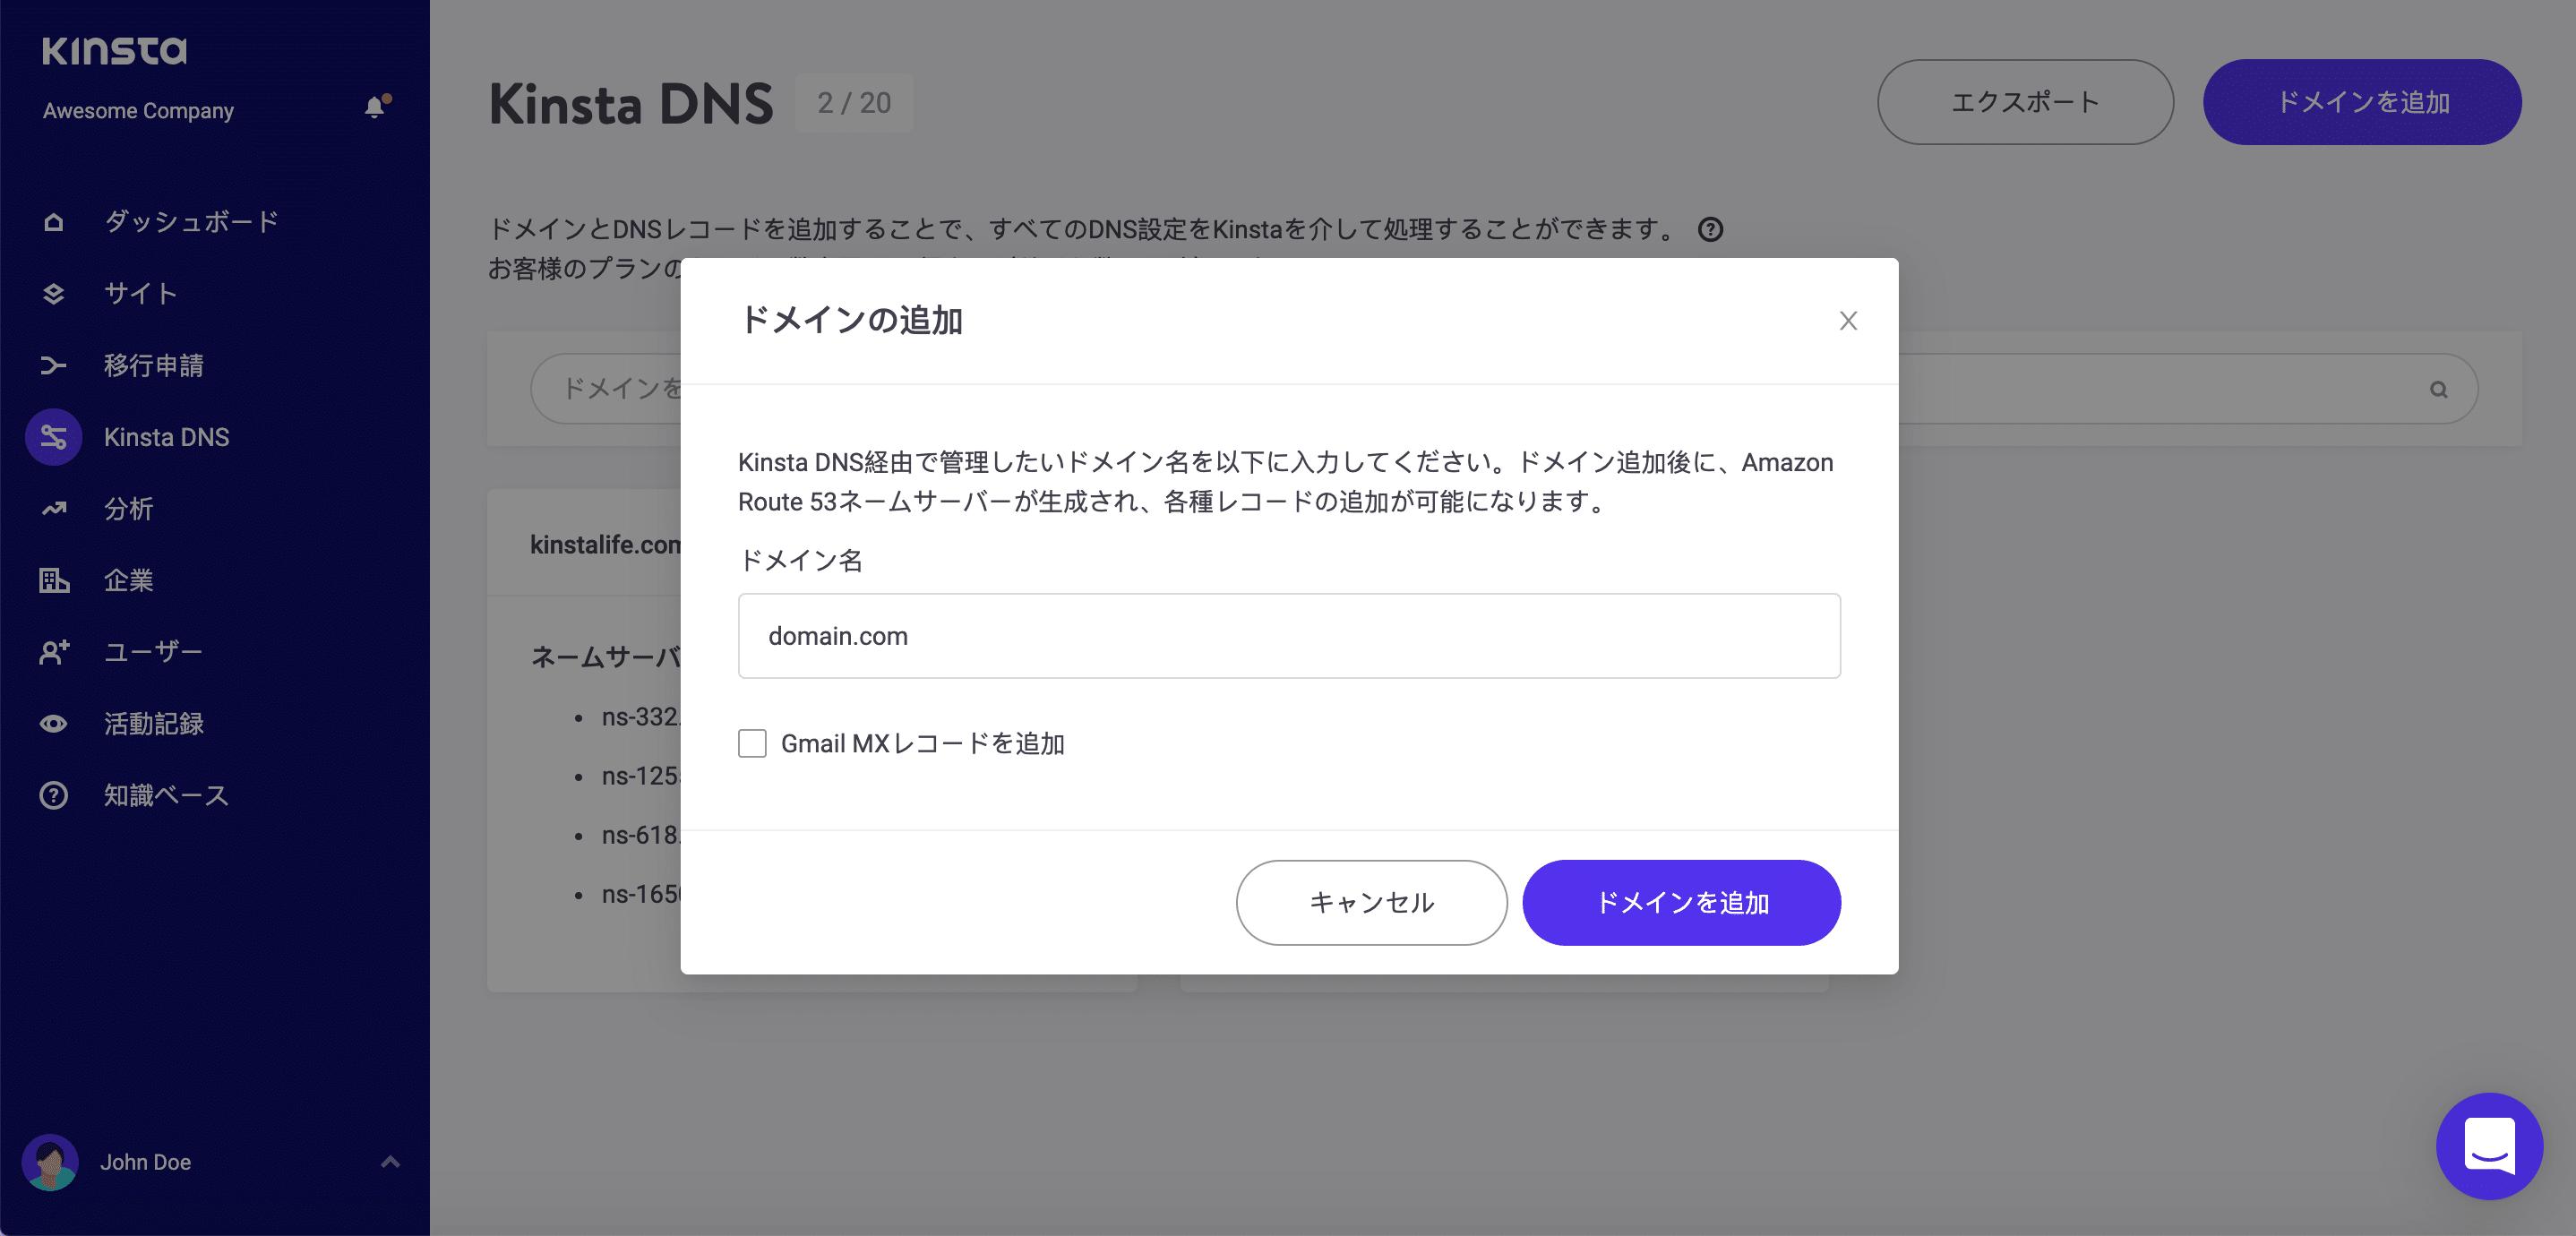 Kinsta DNSへのドメインの追加